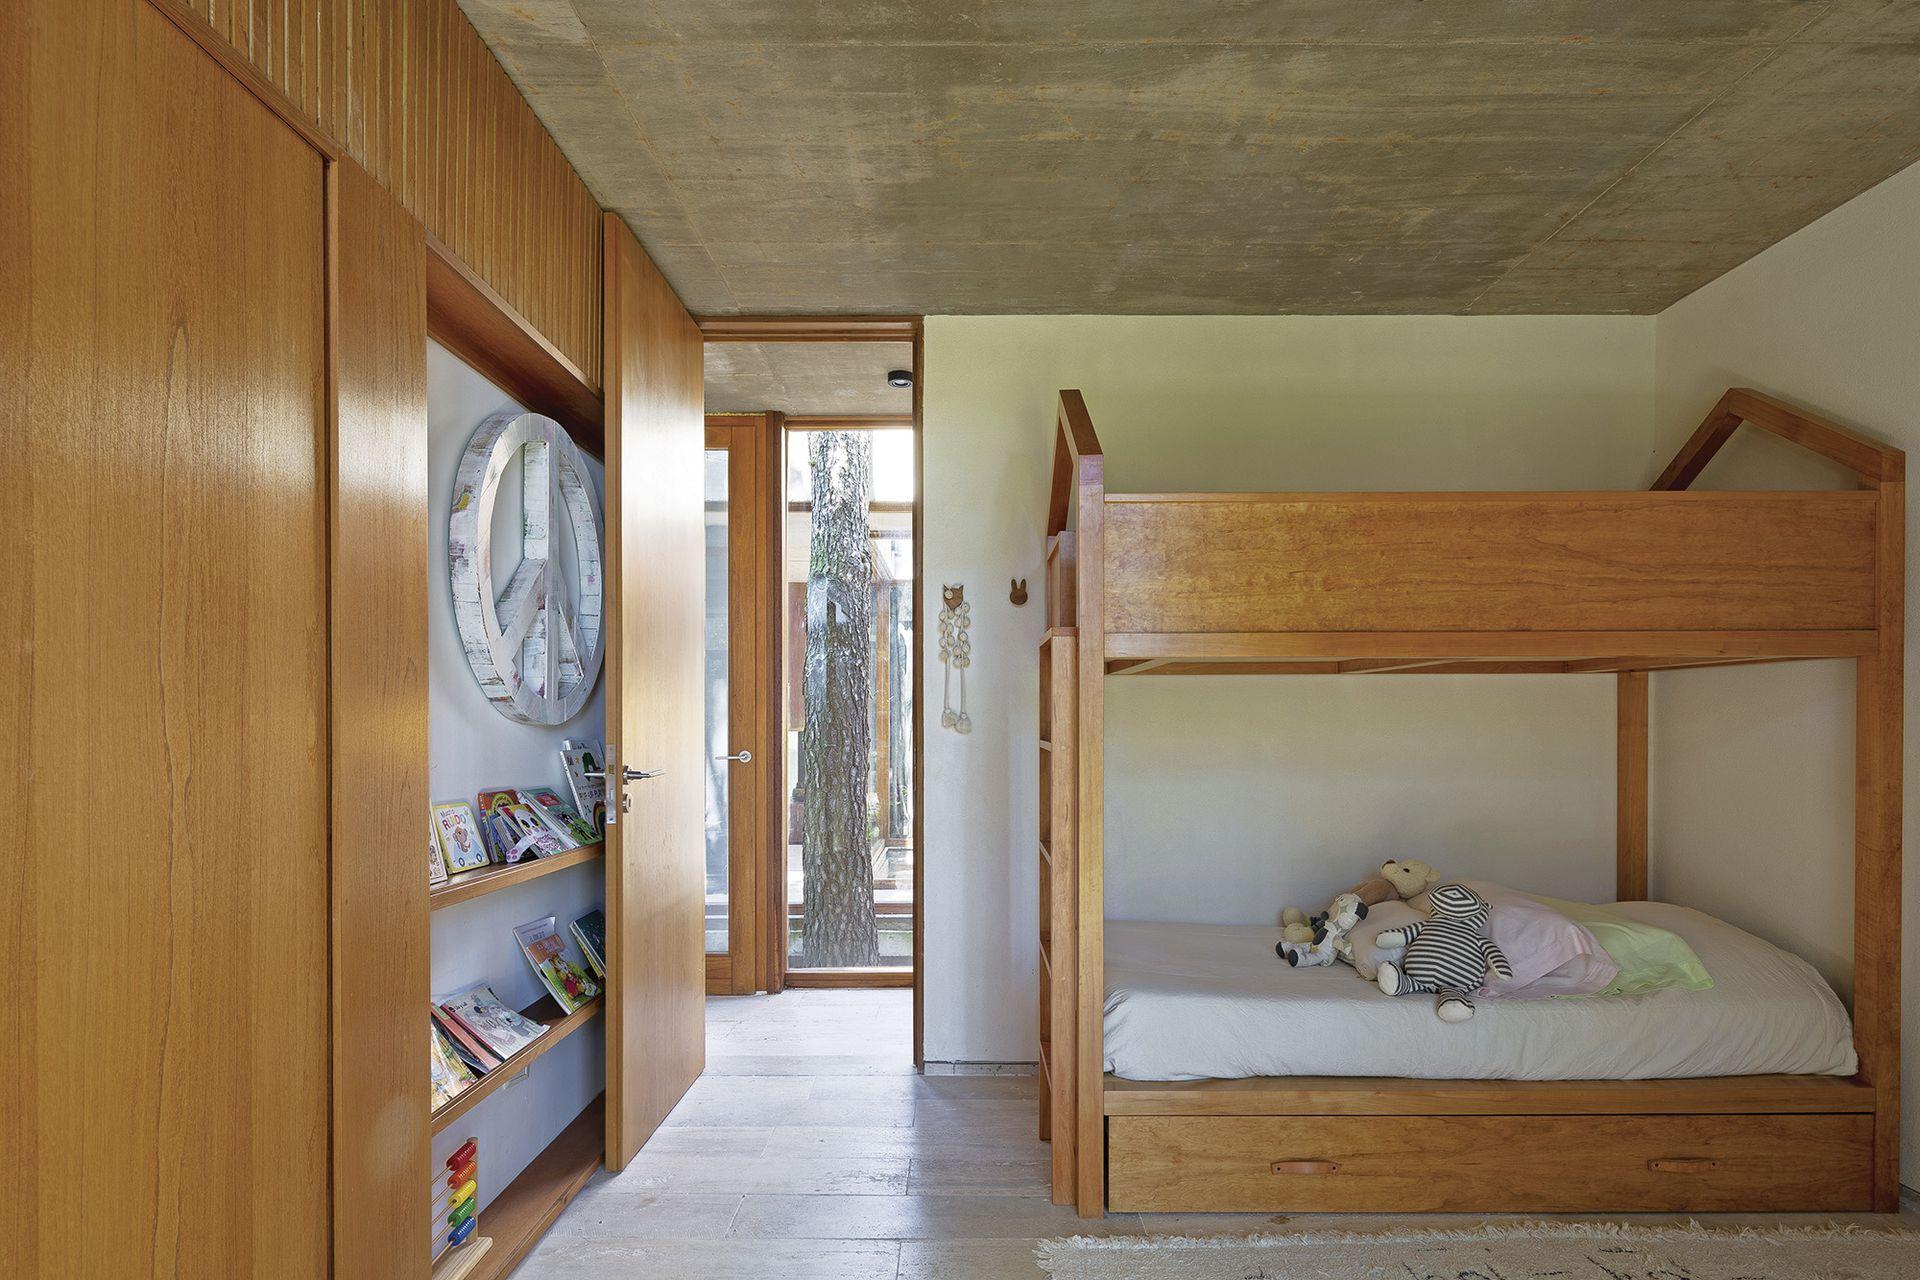 Cama de madera en goiabao, acolchado y cortinas (Natalia Blanco para Estudio Haiku). Placares y puertas interiores en petiribí (Arq. Bárbara Berson).